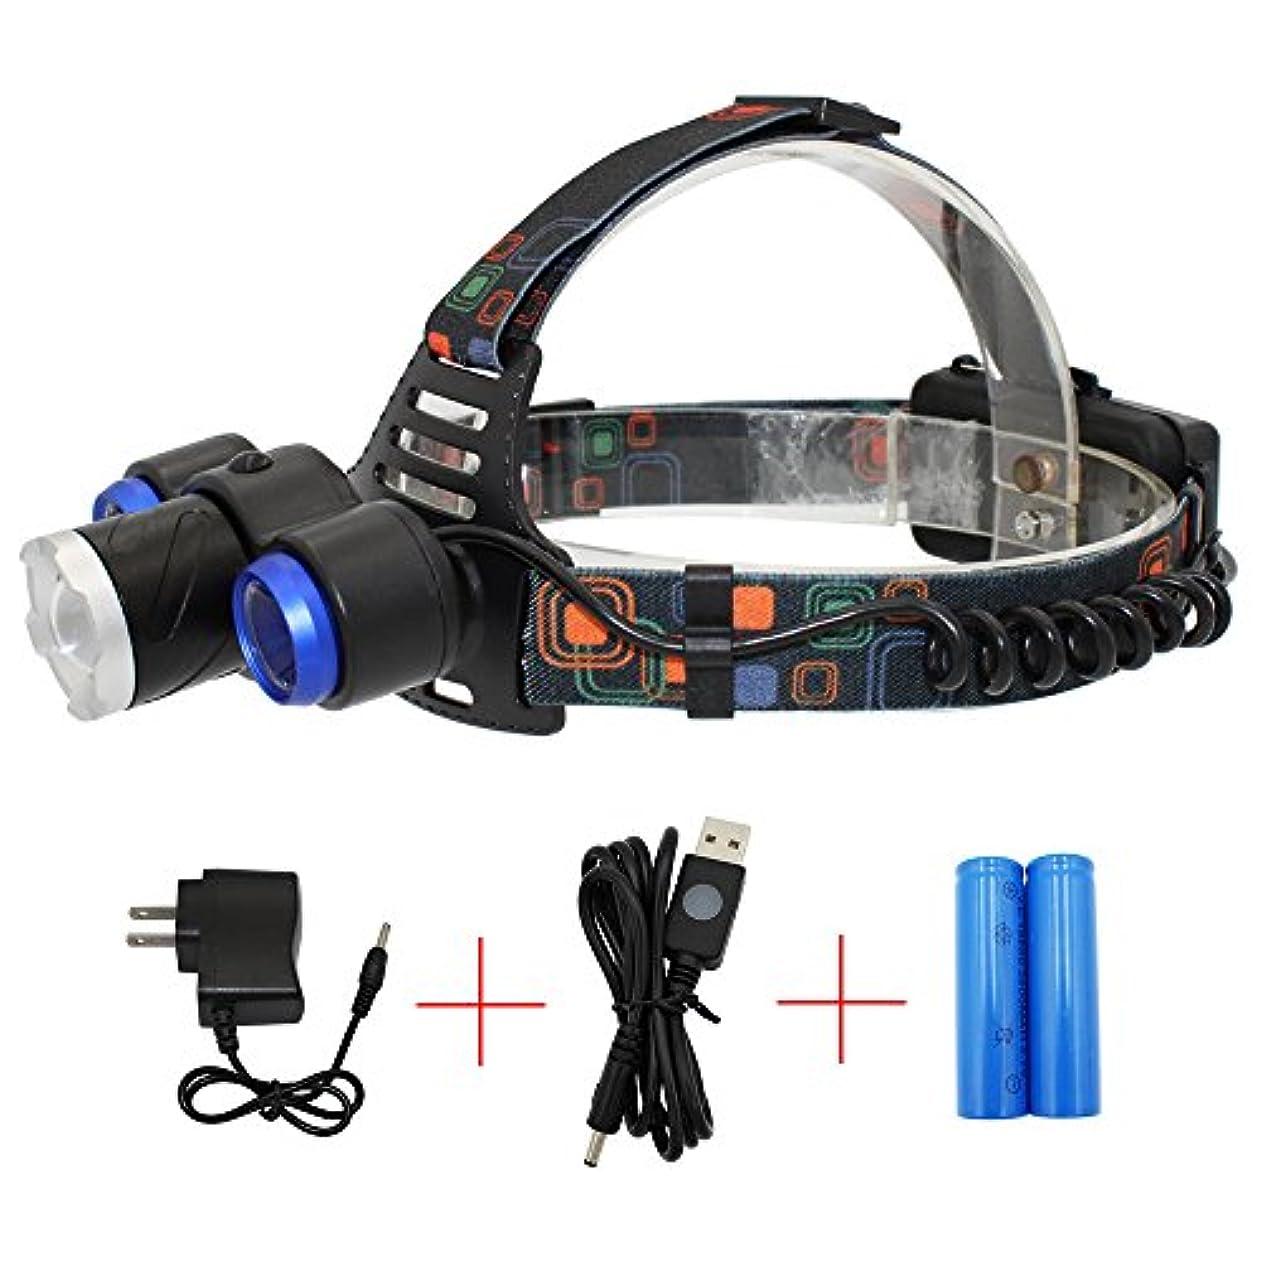 噴水ノベルティ読書をするKC Fireヘッドライト 1* XML-T6 + 2* XPE LED 高輝度 生活防水 4モード点灯 1600ルーメン 2*18650電池 ブラック&シルバー&ブルー